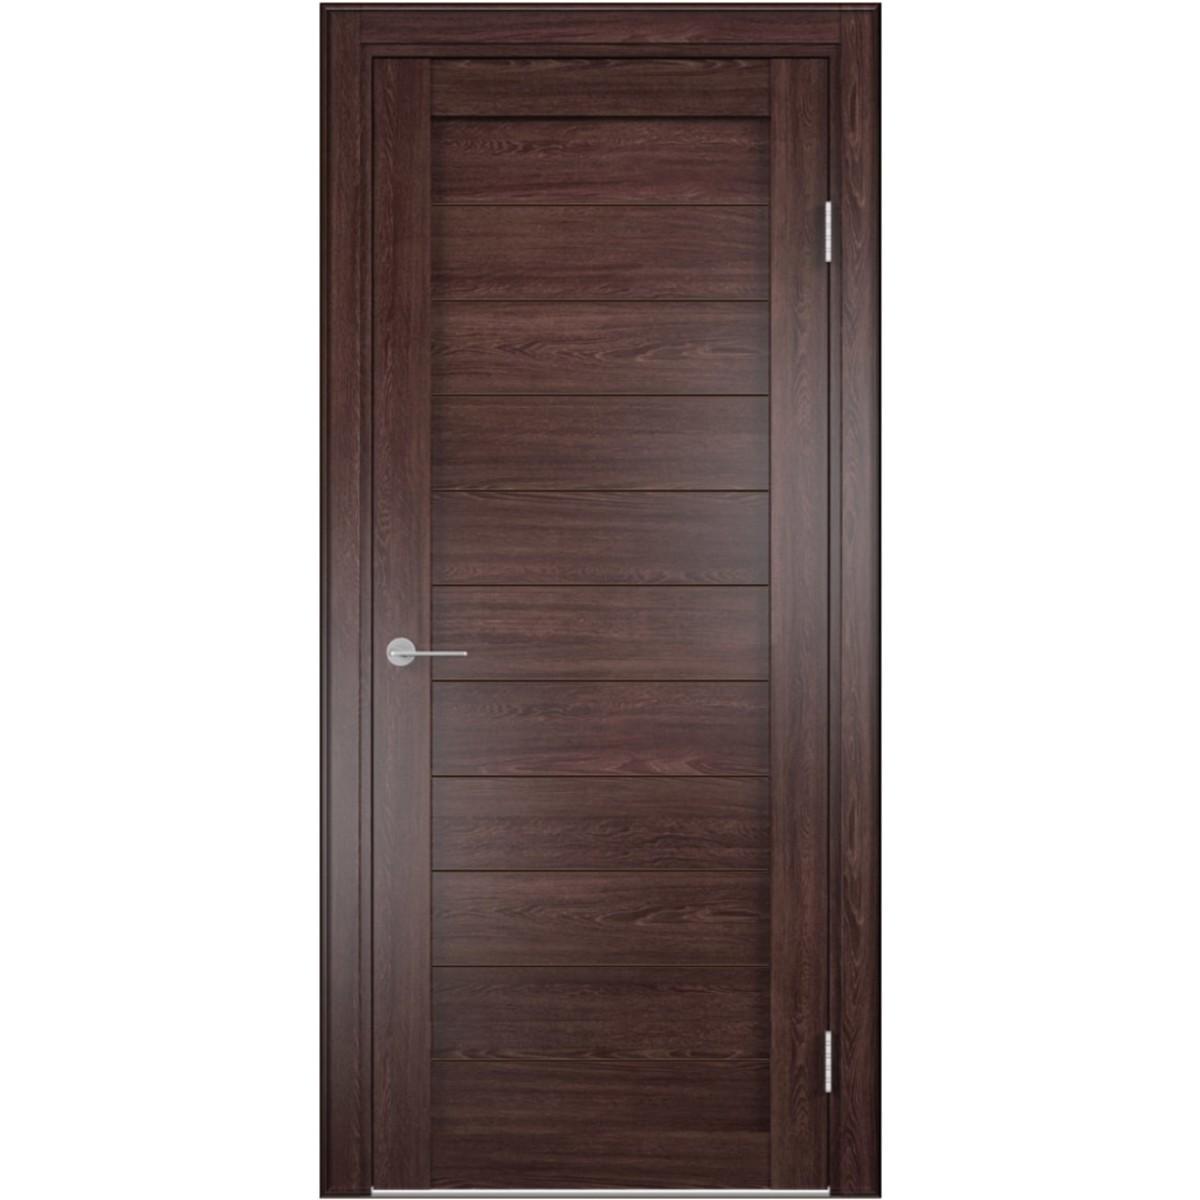 Дверное полотно Eldorf Бавария МП_0050 2000х600х35 мм МДФ